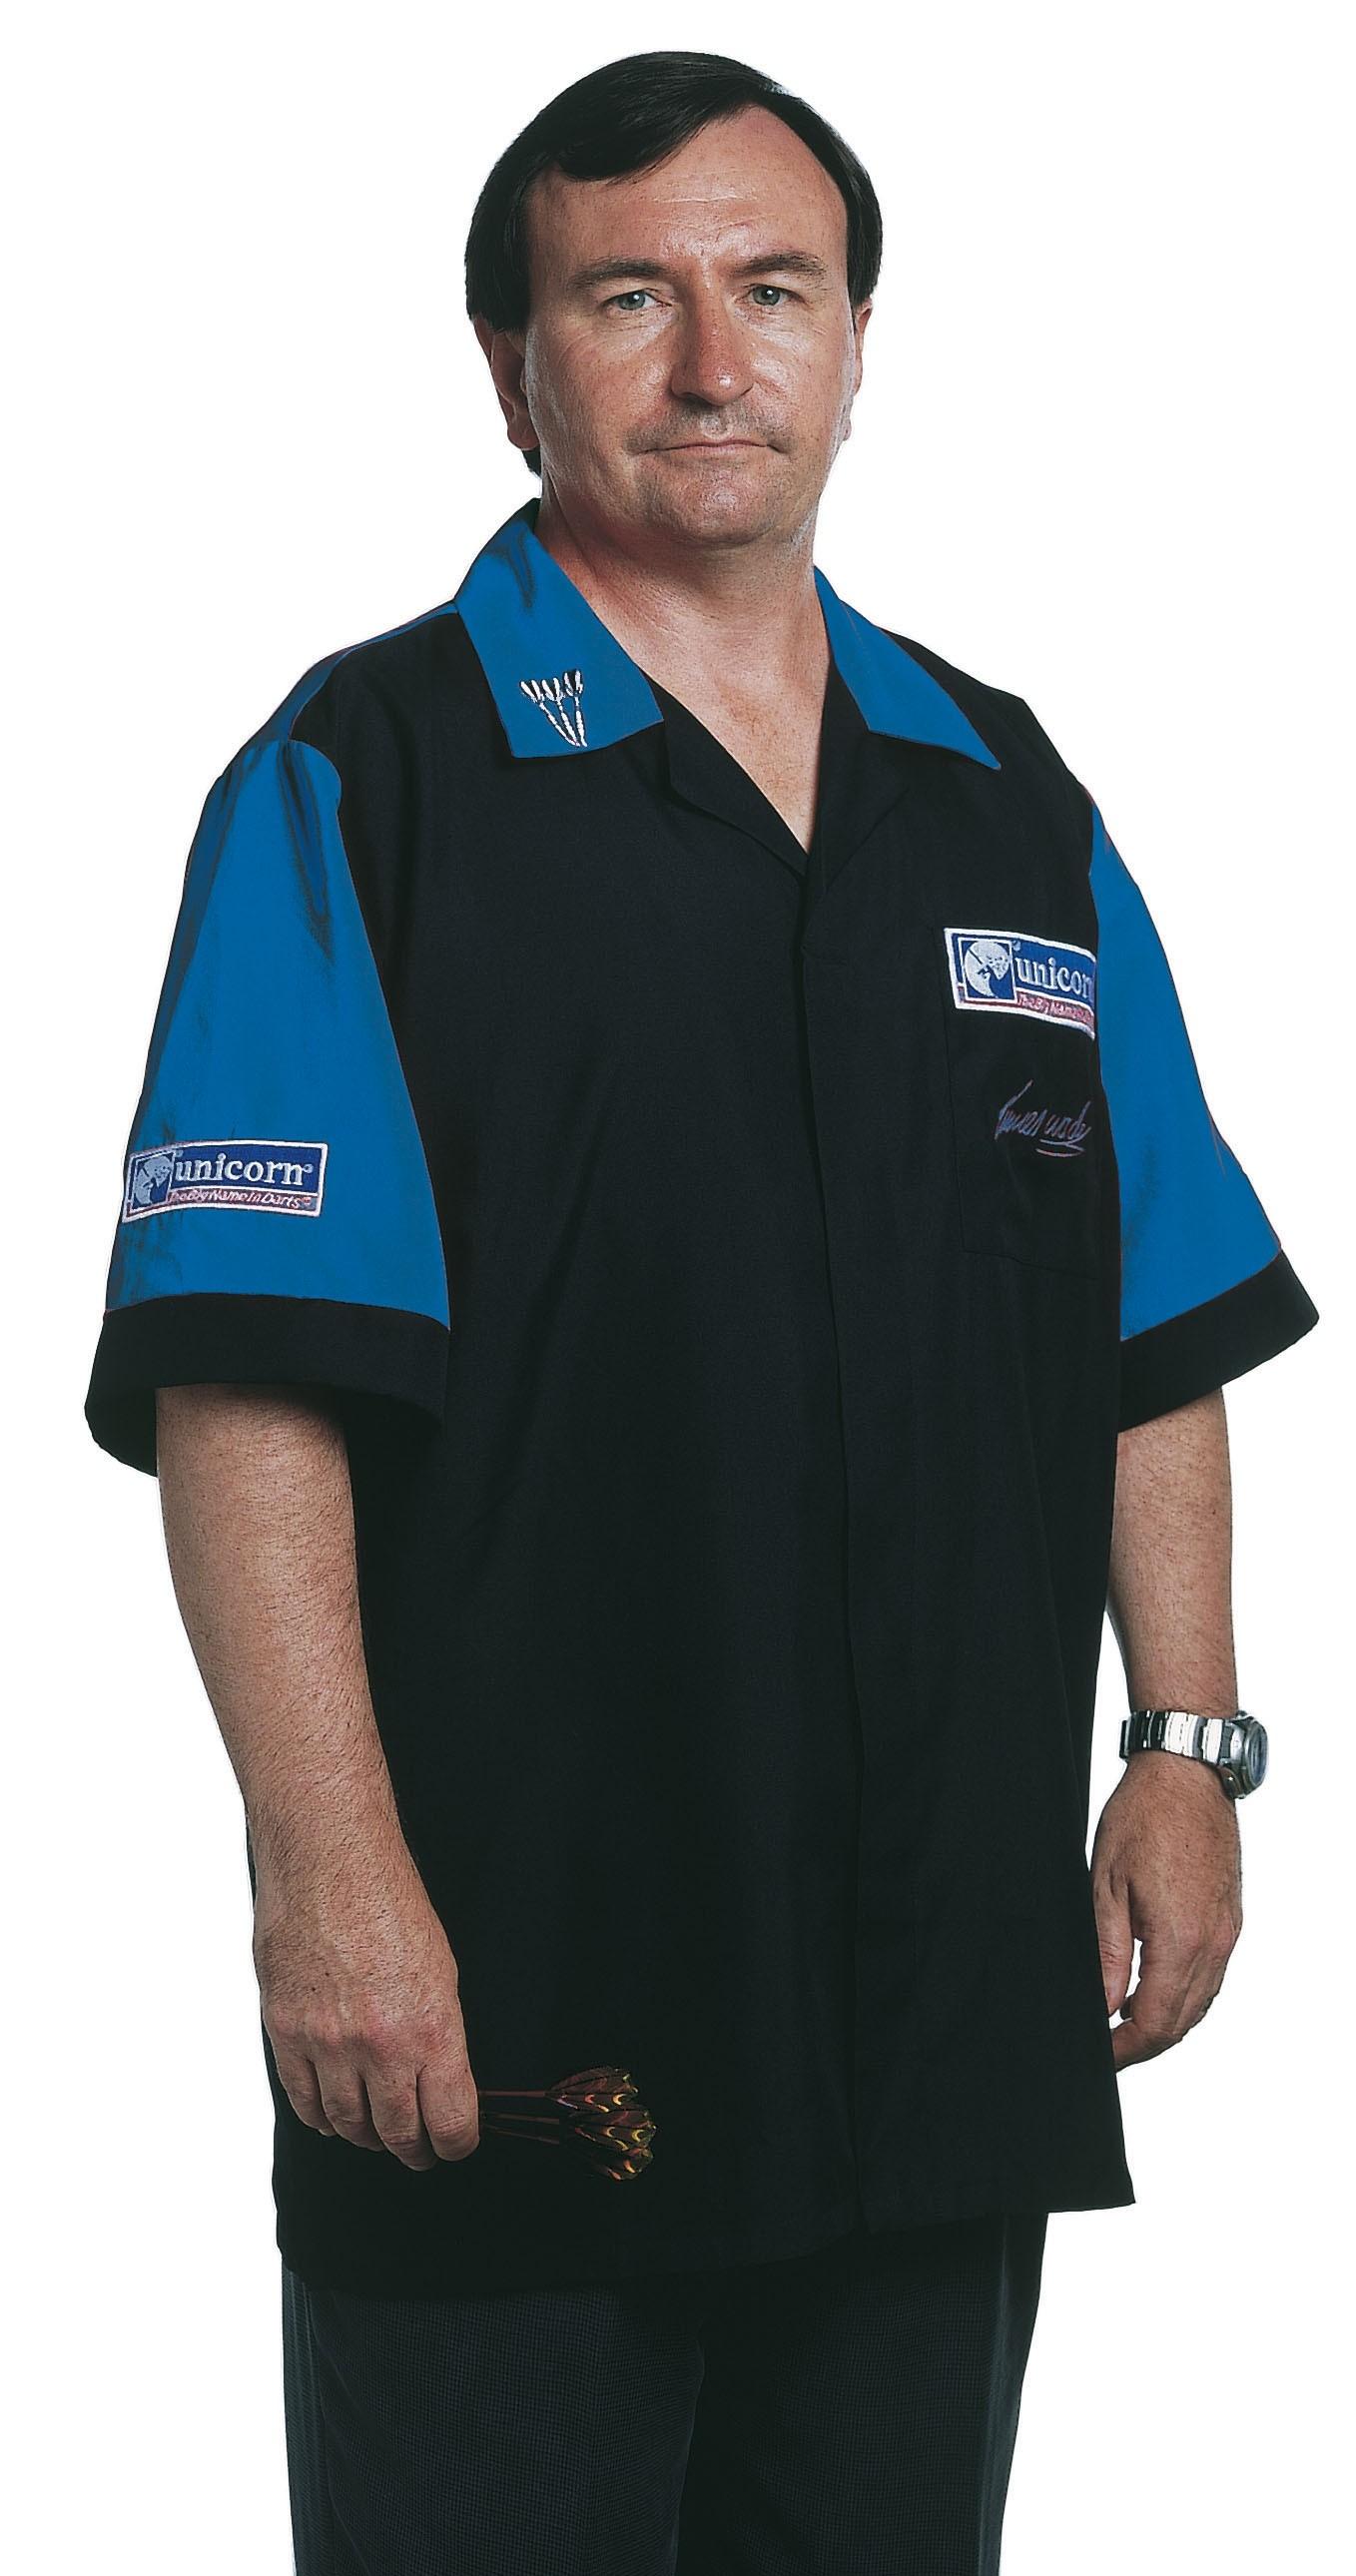 Mens Dart Shirt Black/Blue - SAVE £22!